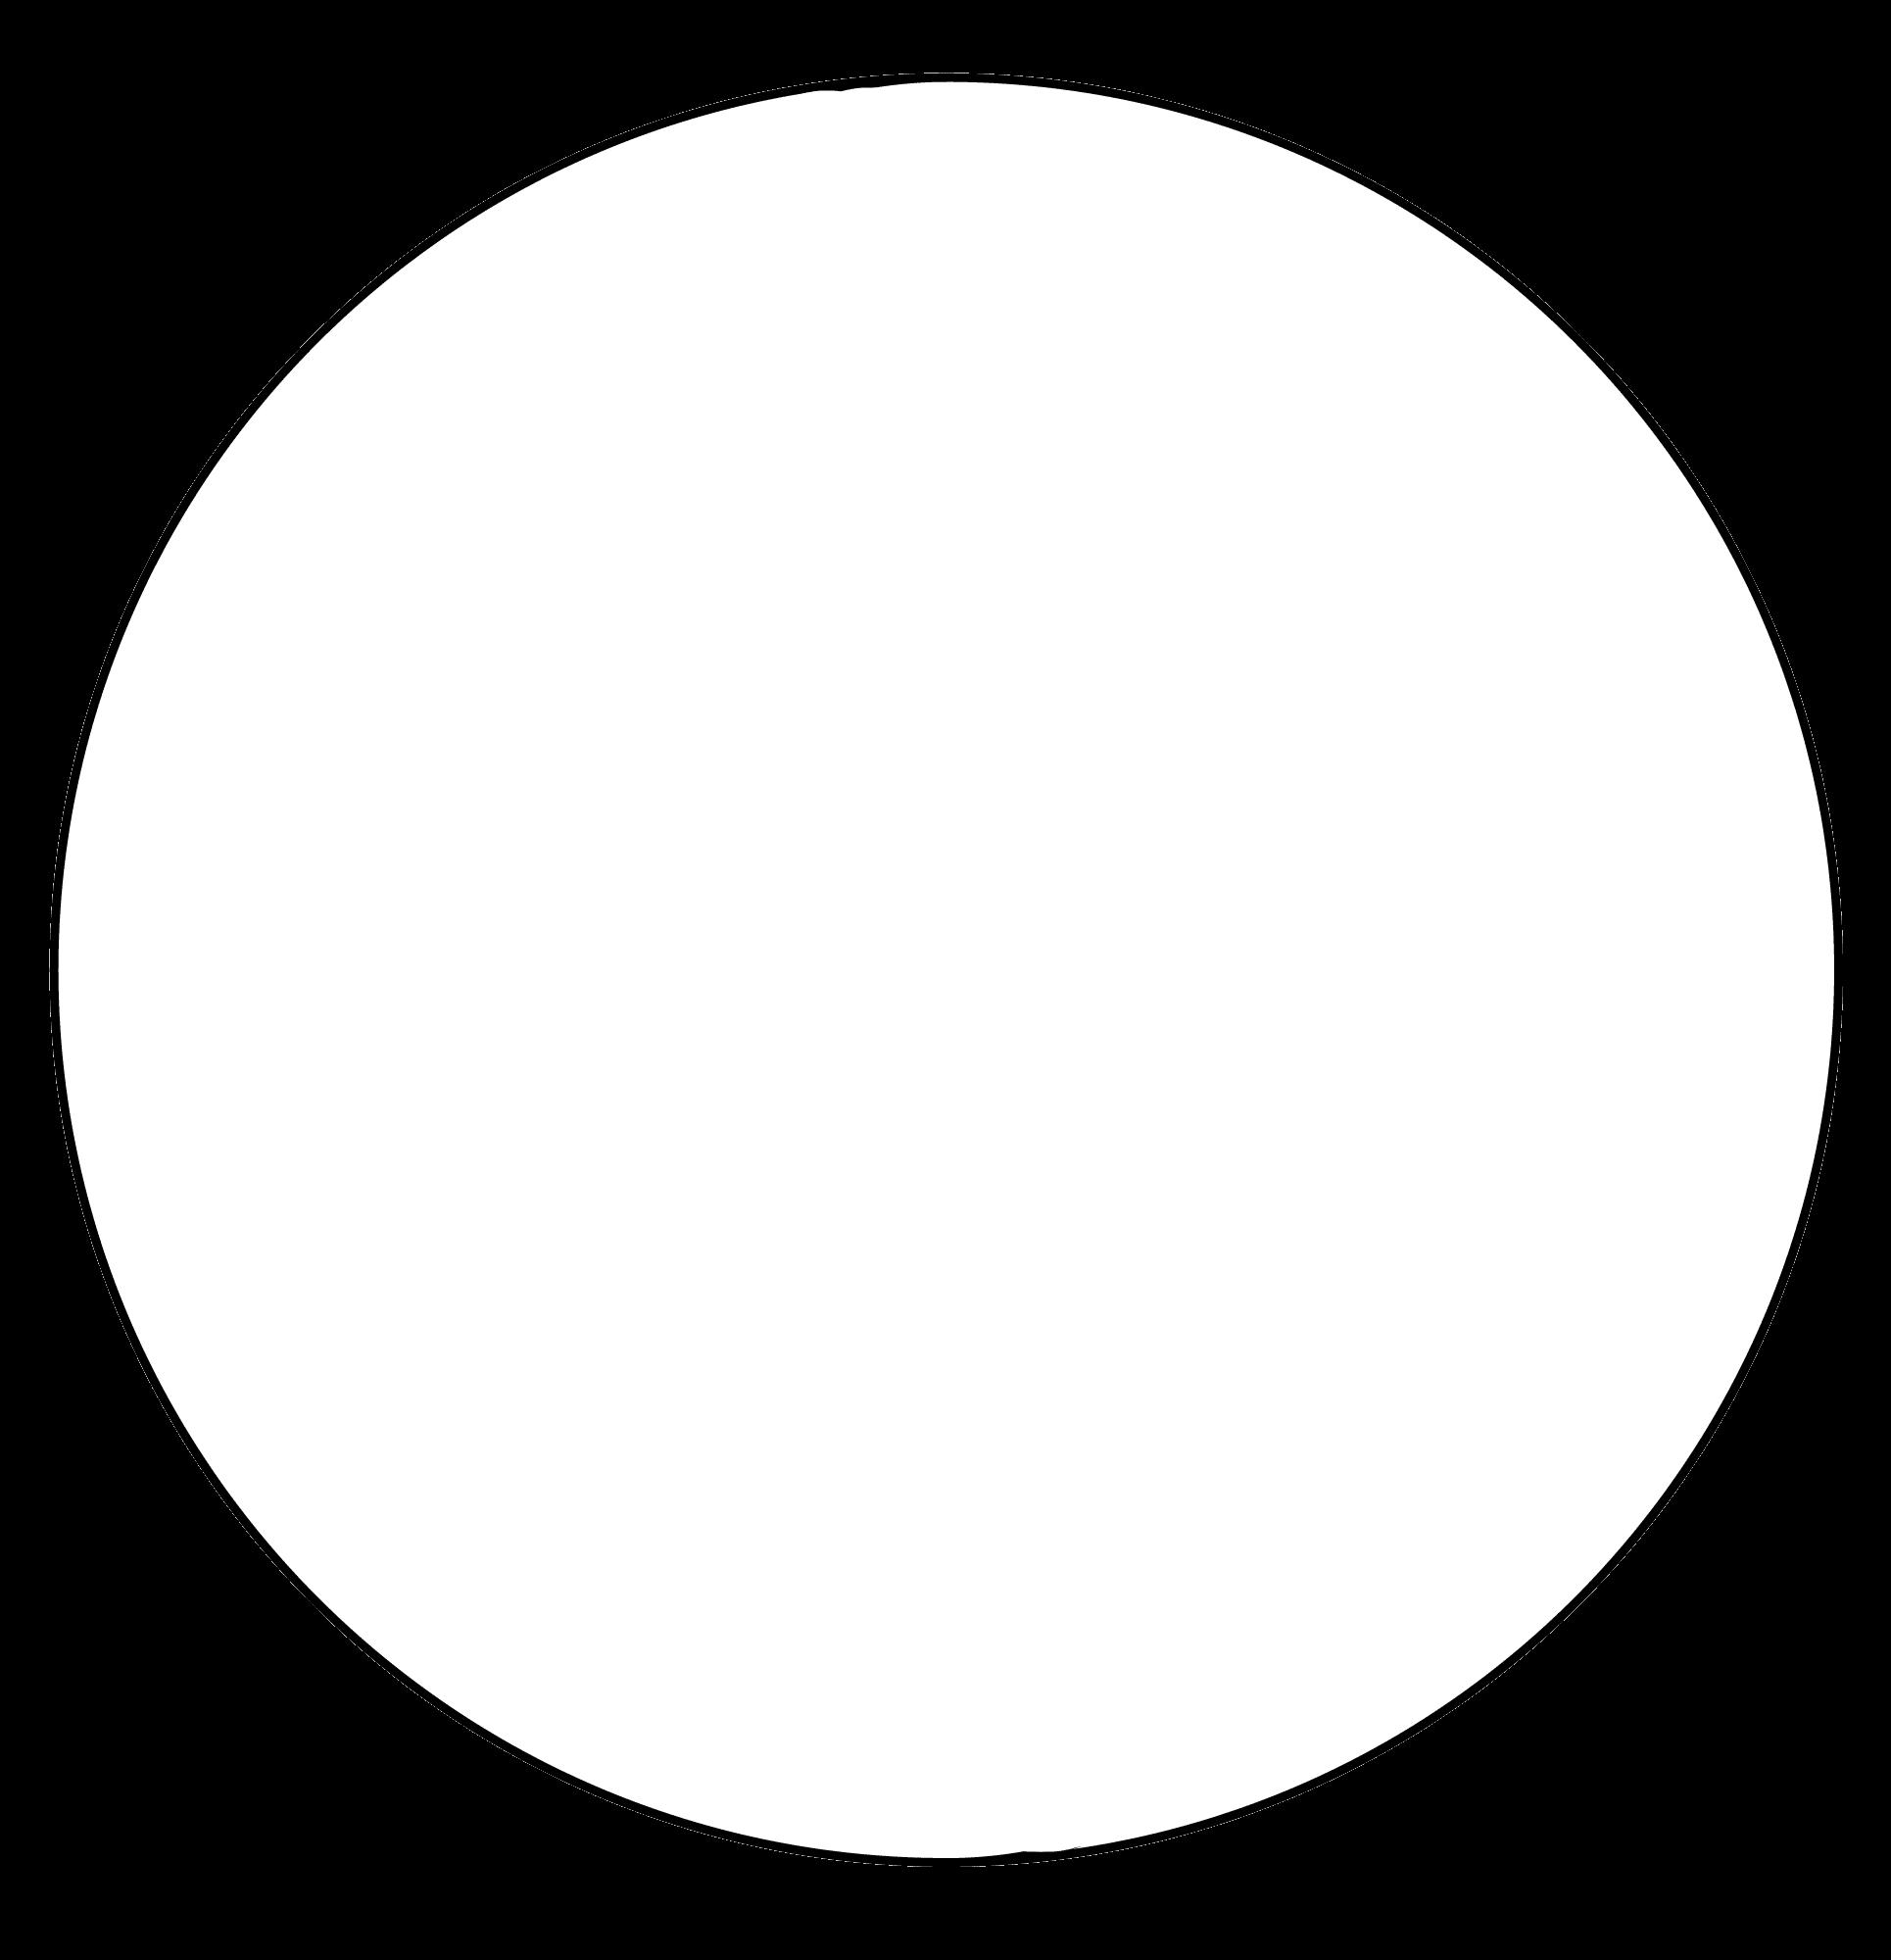 Белый круг на фотографии